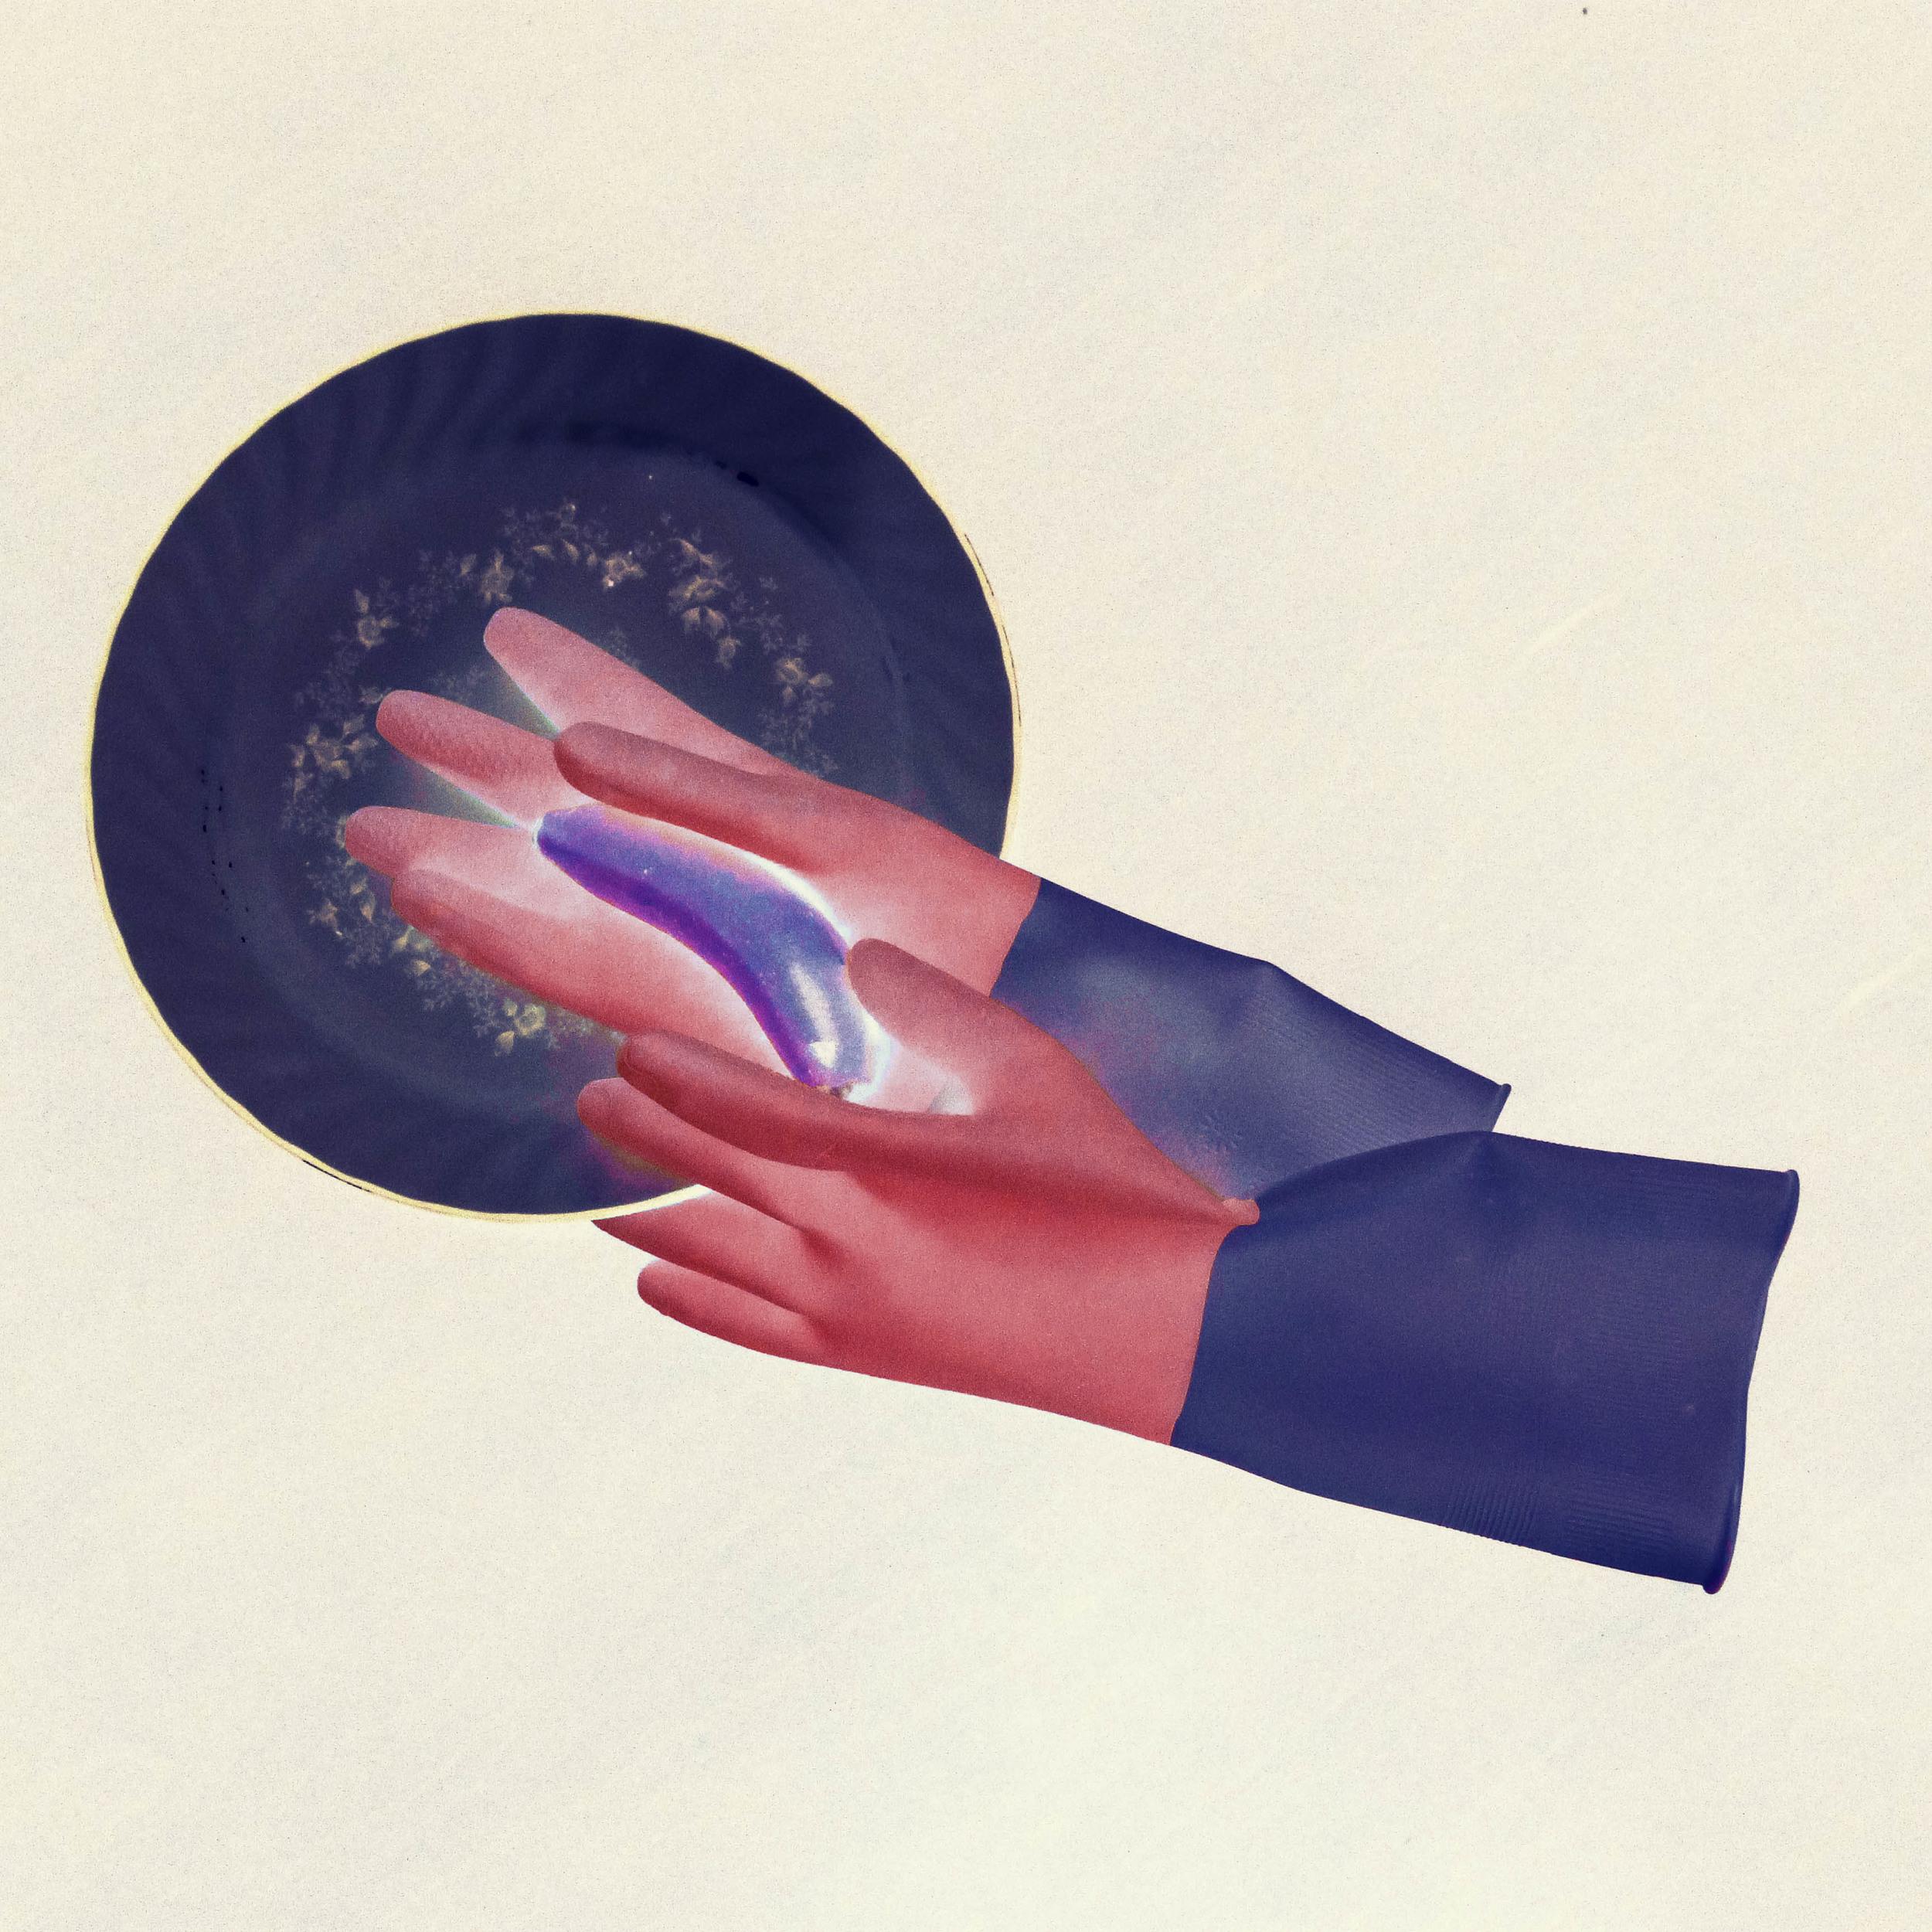 「妳是整天關在家被別人洗腦,我是在外面社會中工作。」 這是父親對母親說過的一句話。 家中越日常的行為,越能凸顯被漠視的一切。   I used dishwashing gloves to symbolize the pain and negligence that my mother suffered everyday as a housewife. Combining with the portrait of other objects (such as the altar of my grandmother and marriage photo of my parents) with metaphorical meanings, I visualized the painful emotion of family life hidden under the skin.